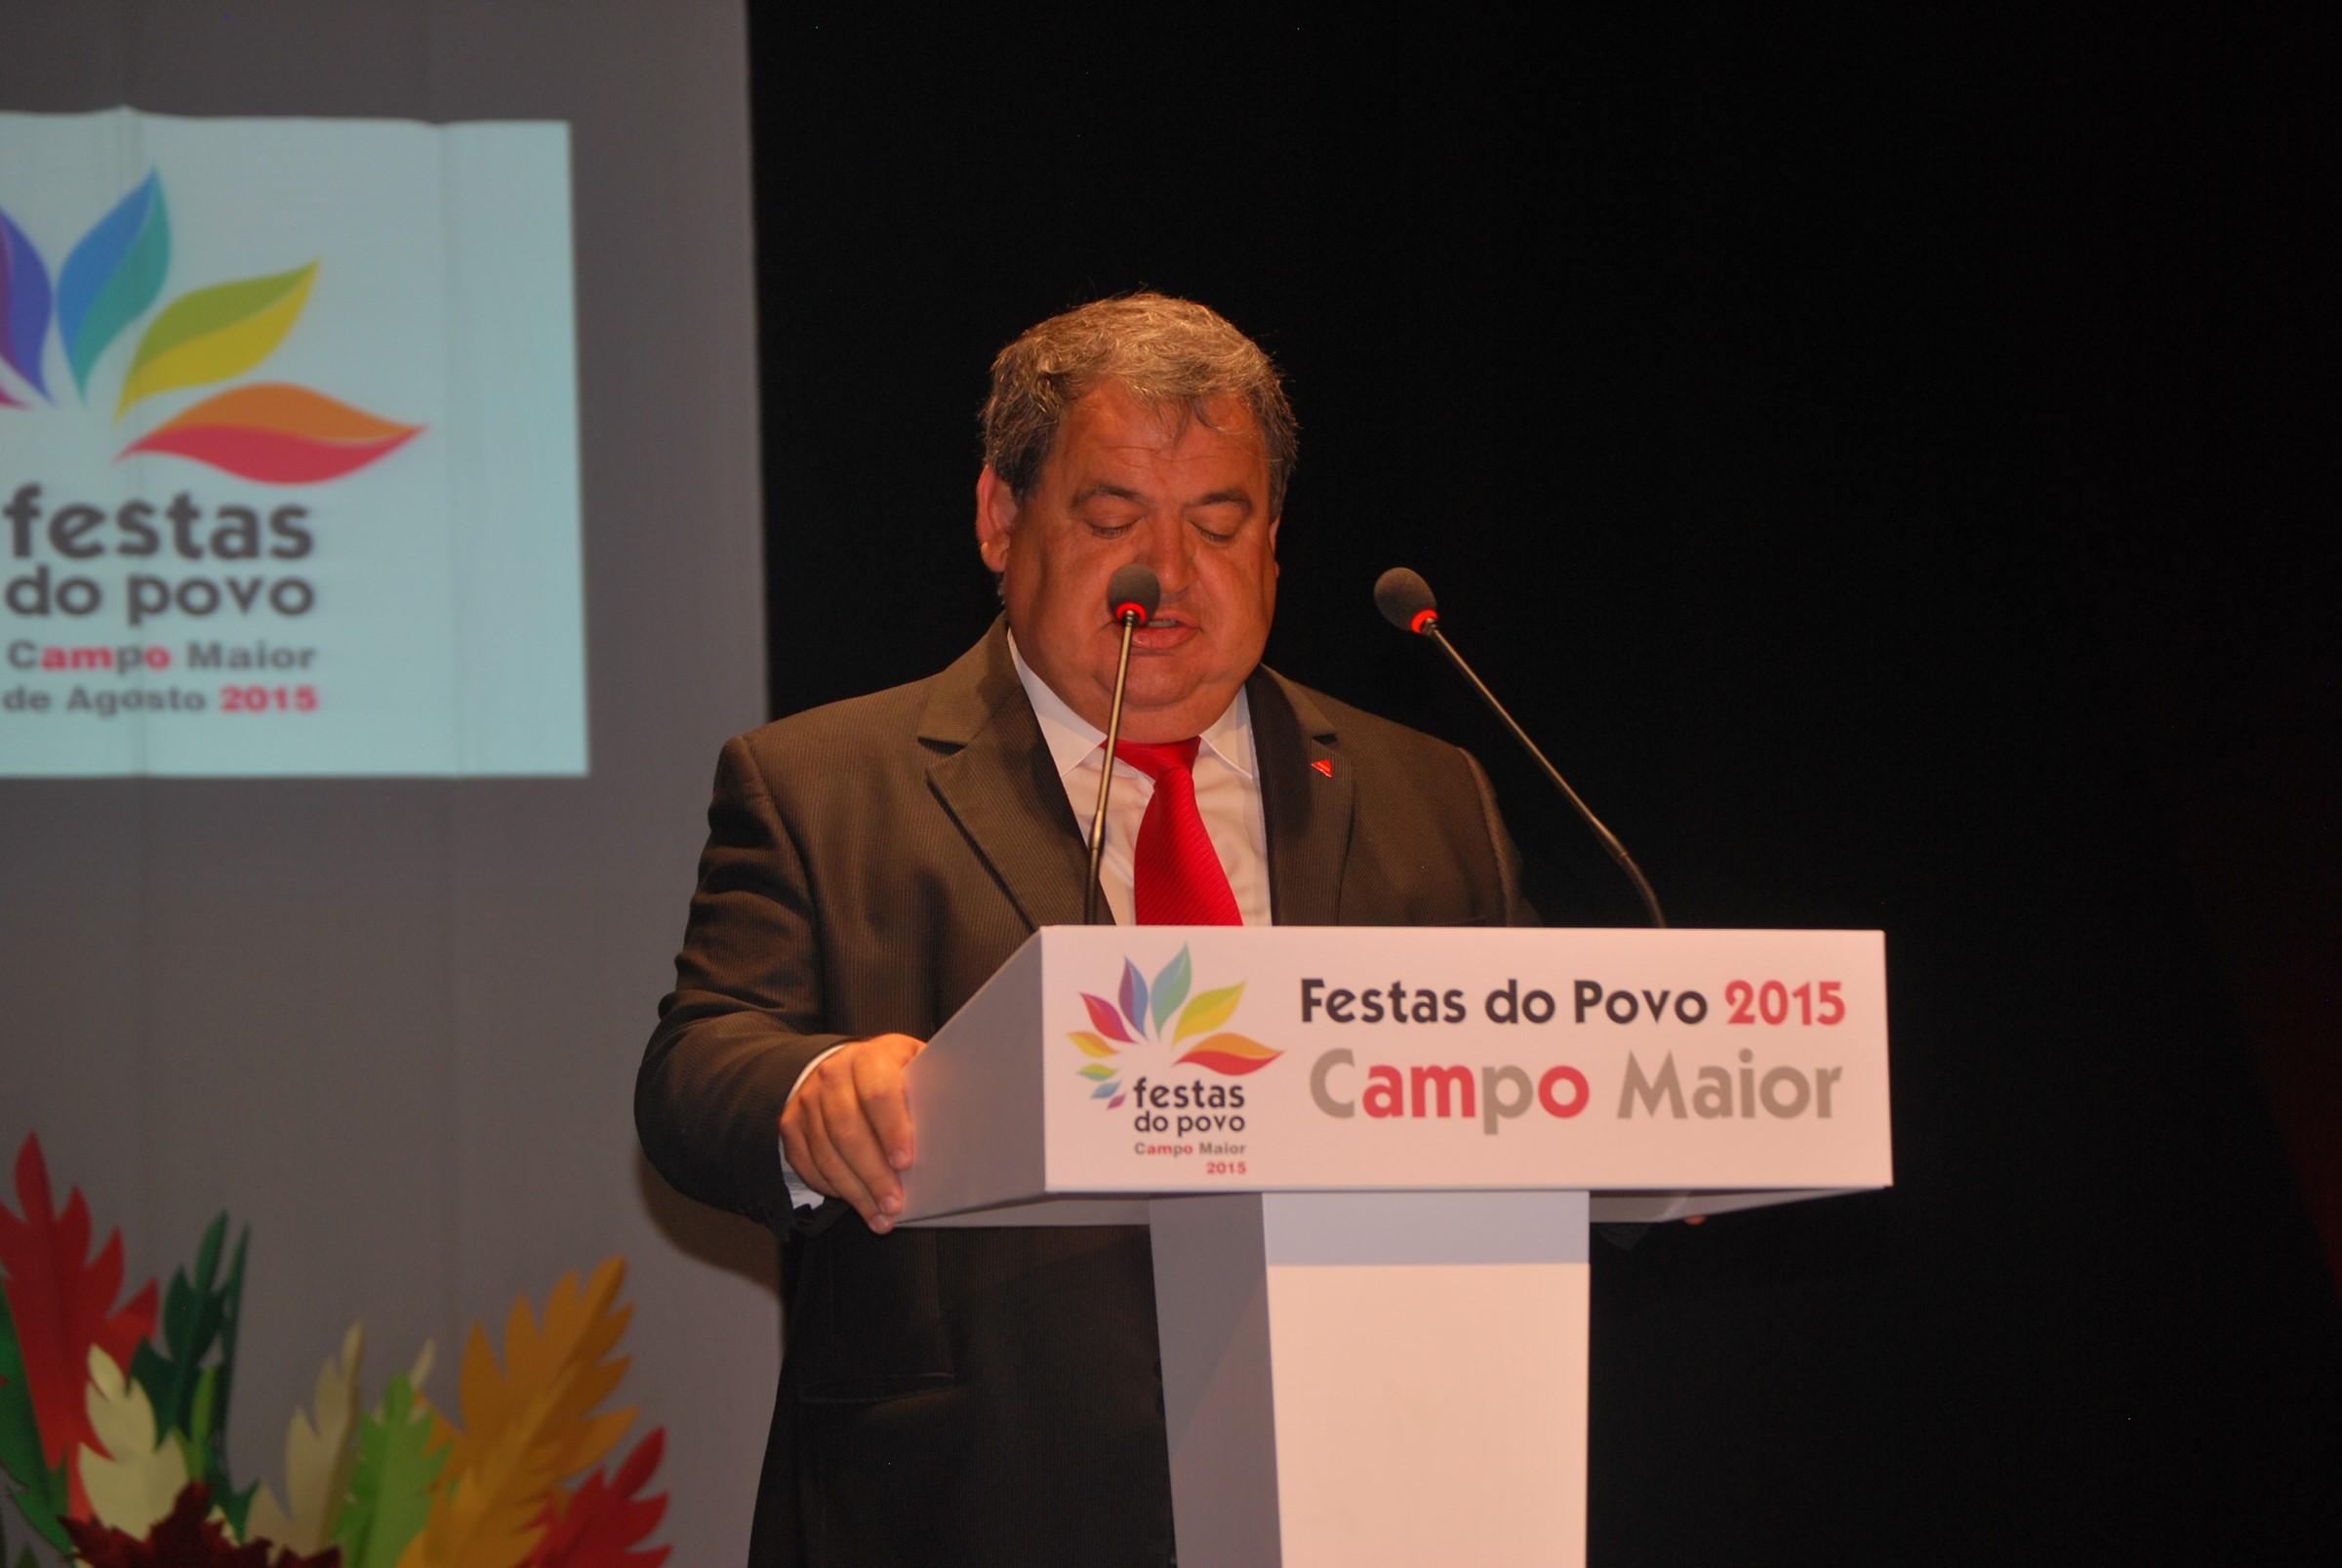 Pedro Muercela, Presidente da Assembleia Municipal de Campo Maior